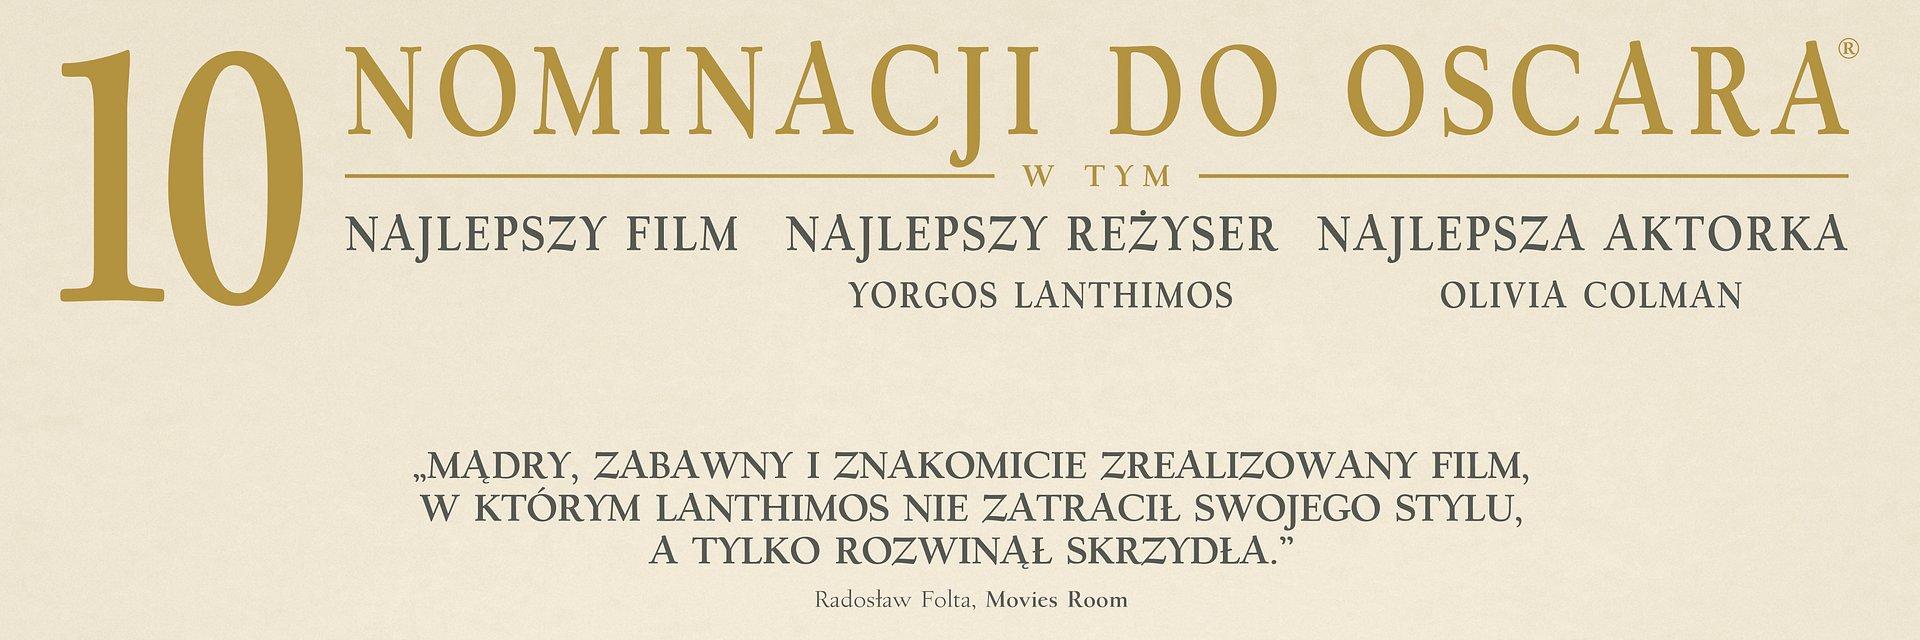 """Filmy 20th Century Fox z 20 nominacjami do Oscara. W kategorii """"Najlepszy film"""" powalczą dwie produkcje wytwórni """"Faworyta"""" i """"Bohemian Rhapsody"""""""